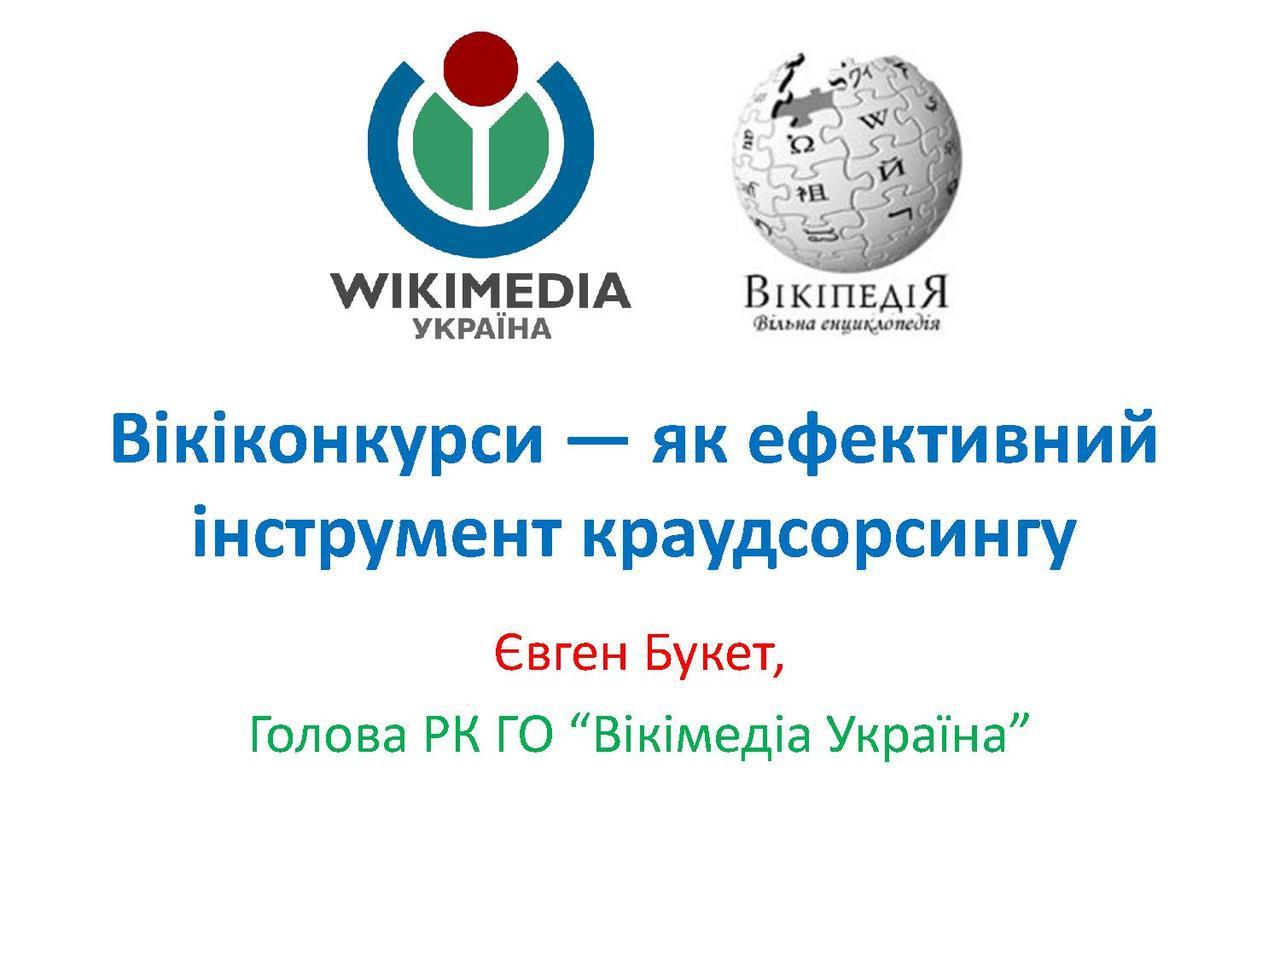 Online dating ukraine erfahrungen